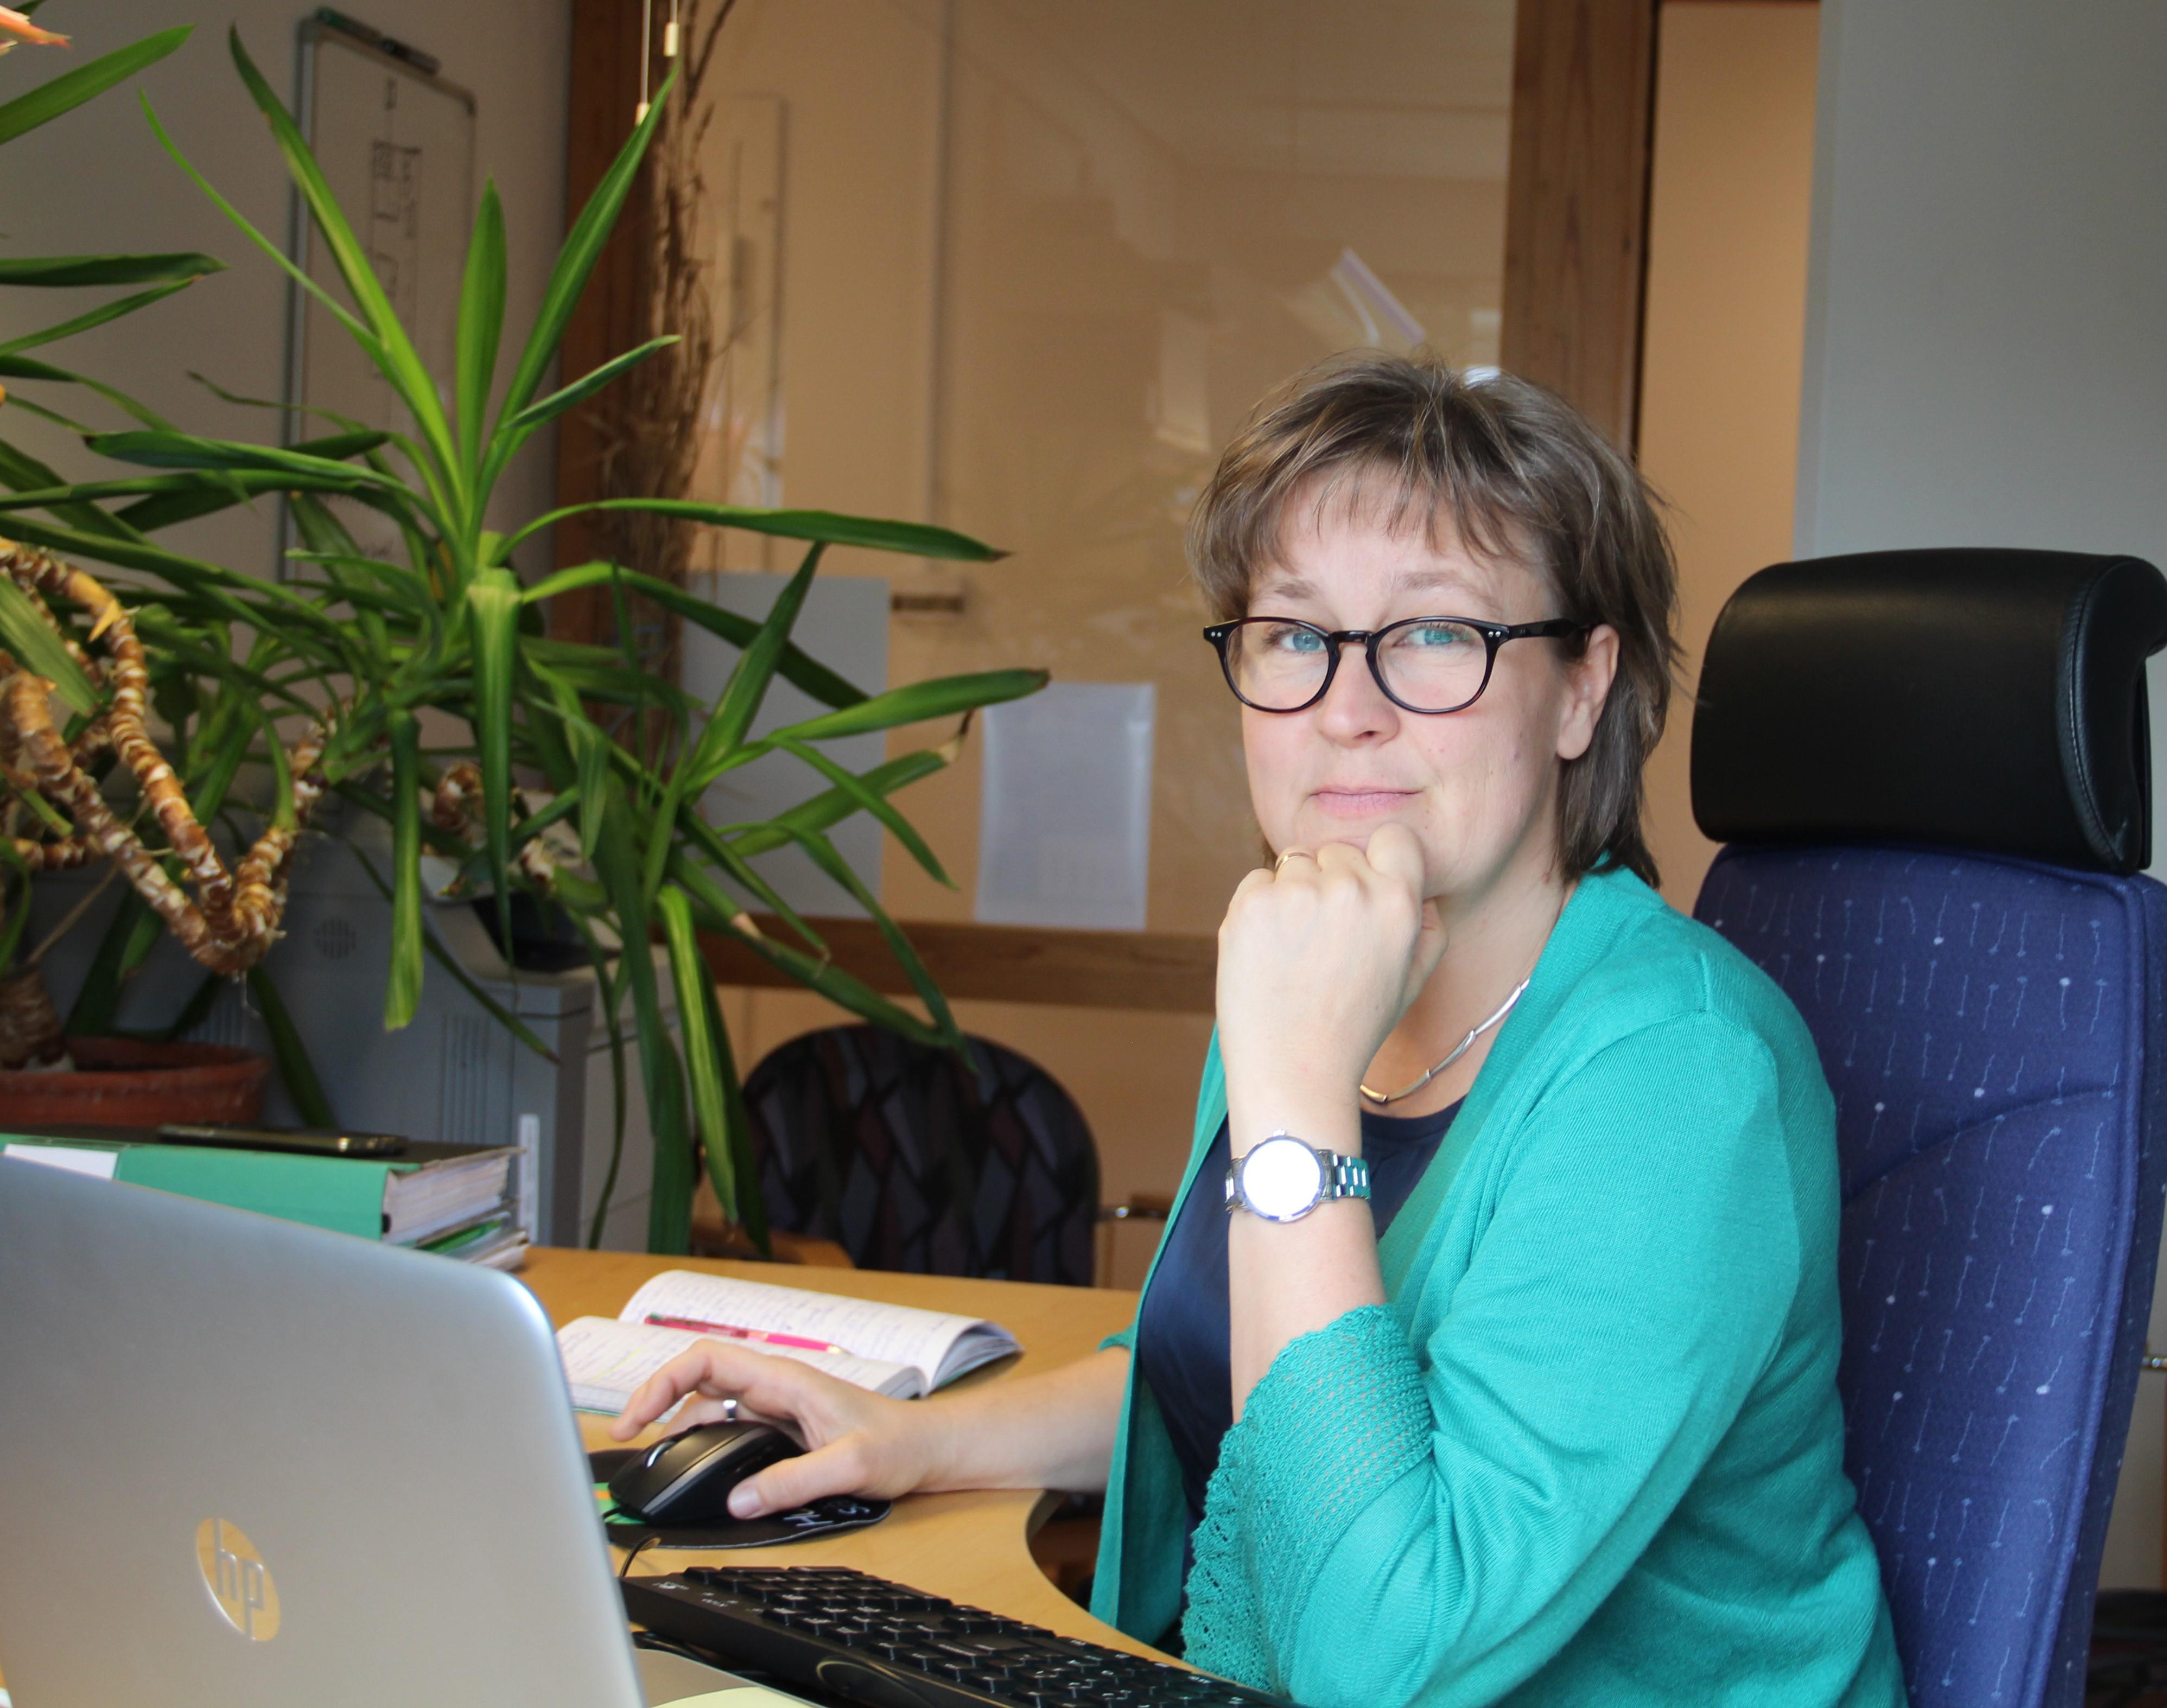 Cecilia Wahlberg Roslund